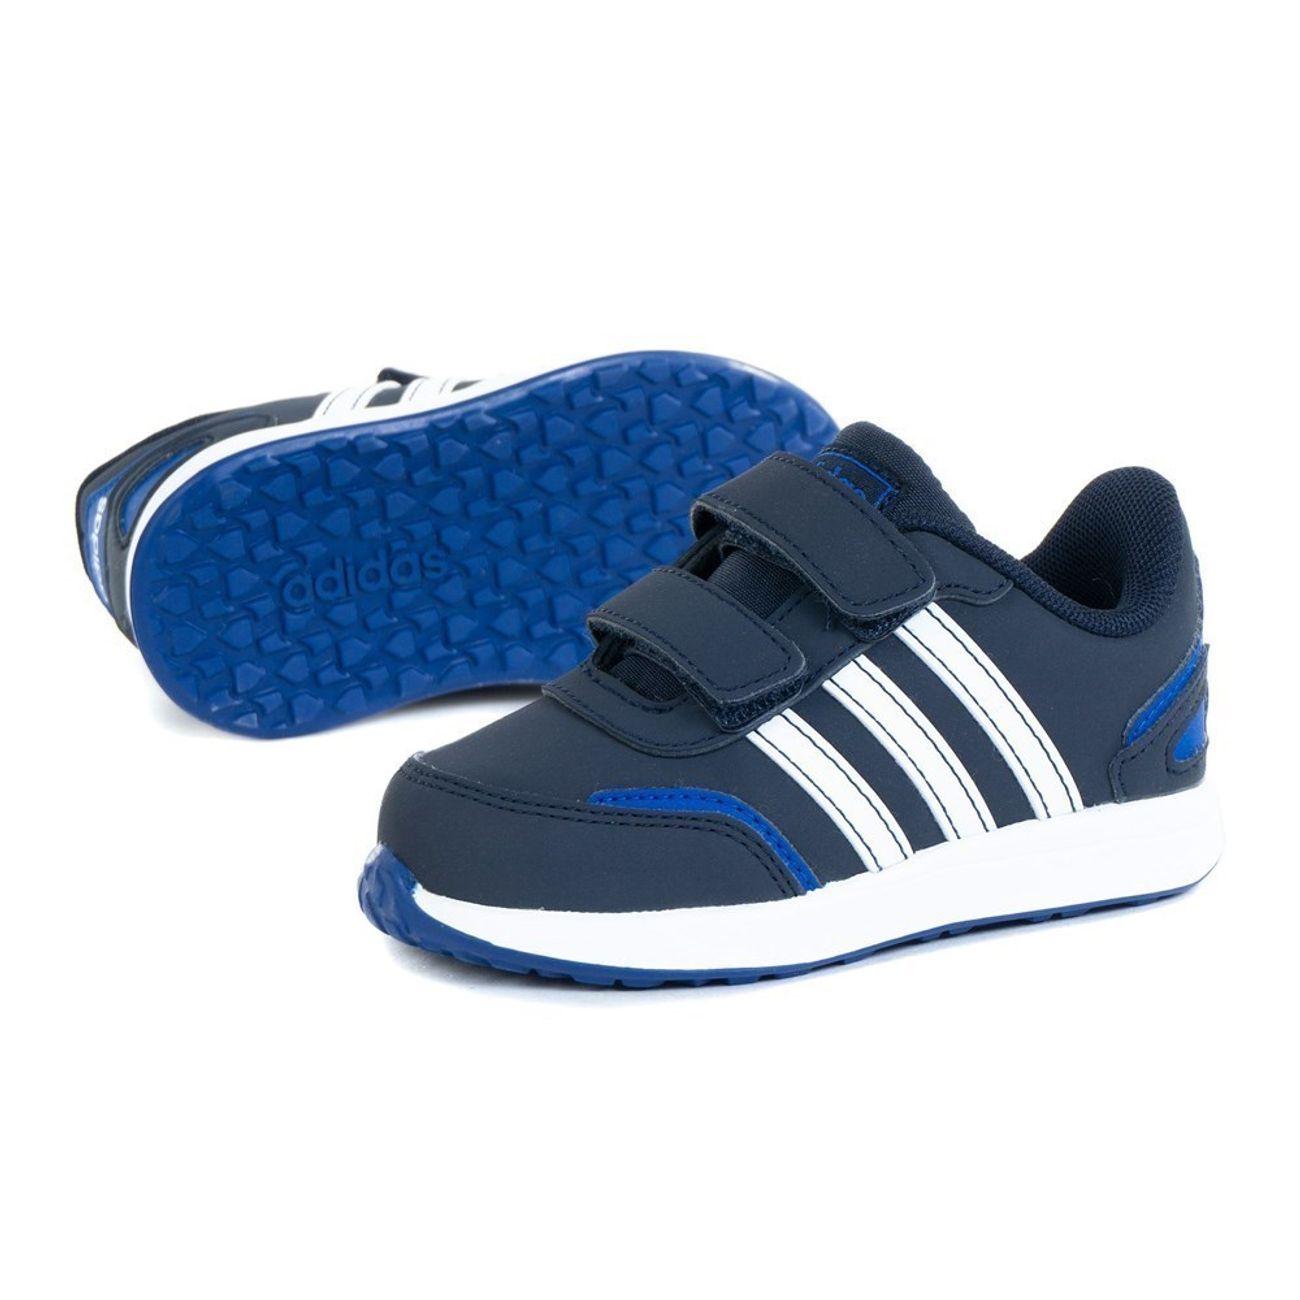 Mode- Lifestyle Bébé ADIDAS Adidas VS Switch 3 I